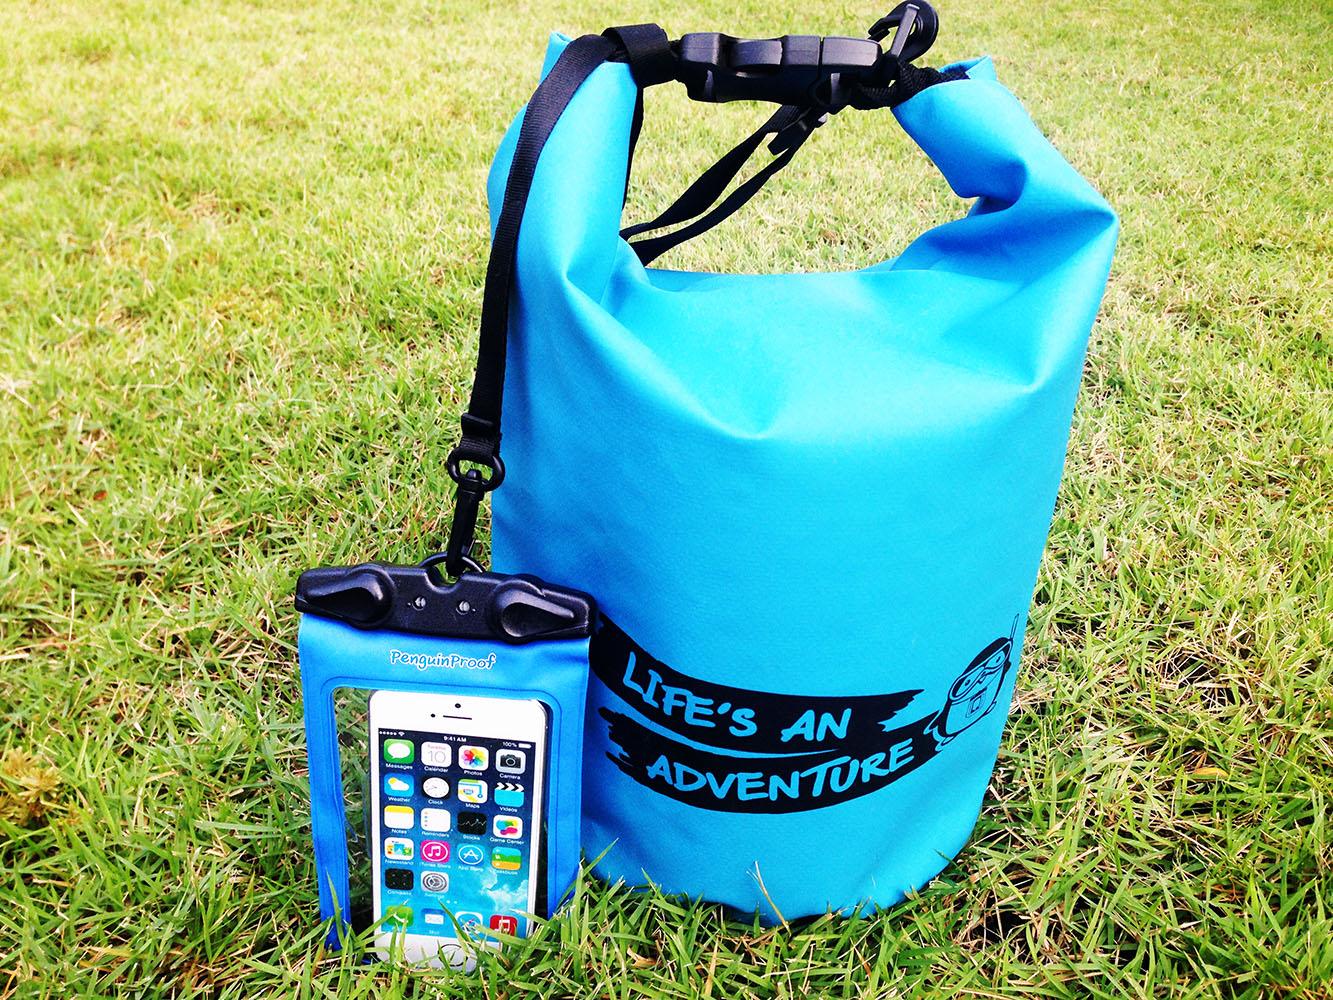 ชุด Set ซองกันน้ำมือถือเล็ก (4.5 นิ้ว) สีฟ้า + กระเป๋ากันน้ำ Penguin Bag ขนาด 5 ลิตร